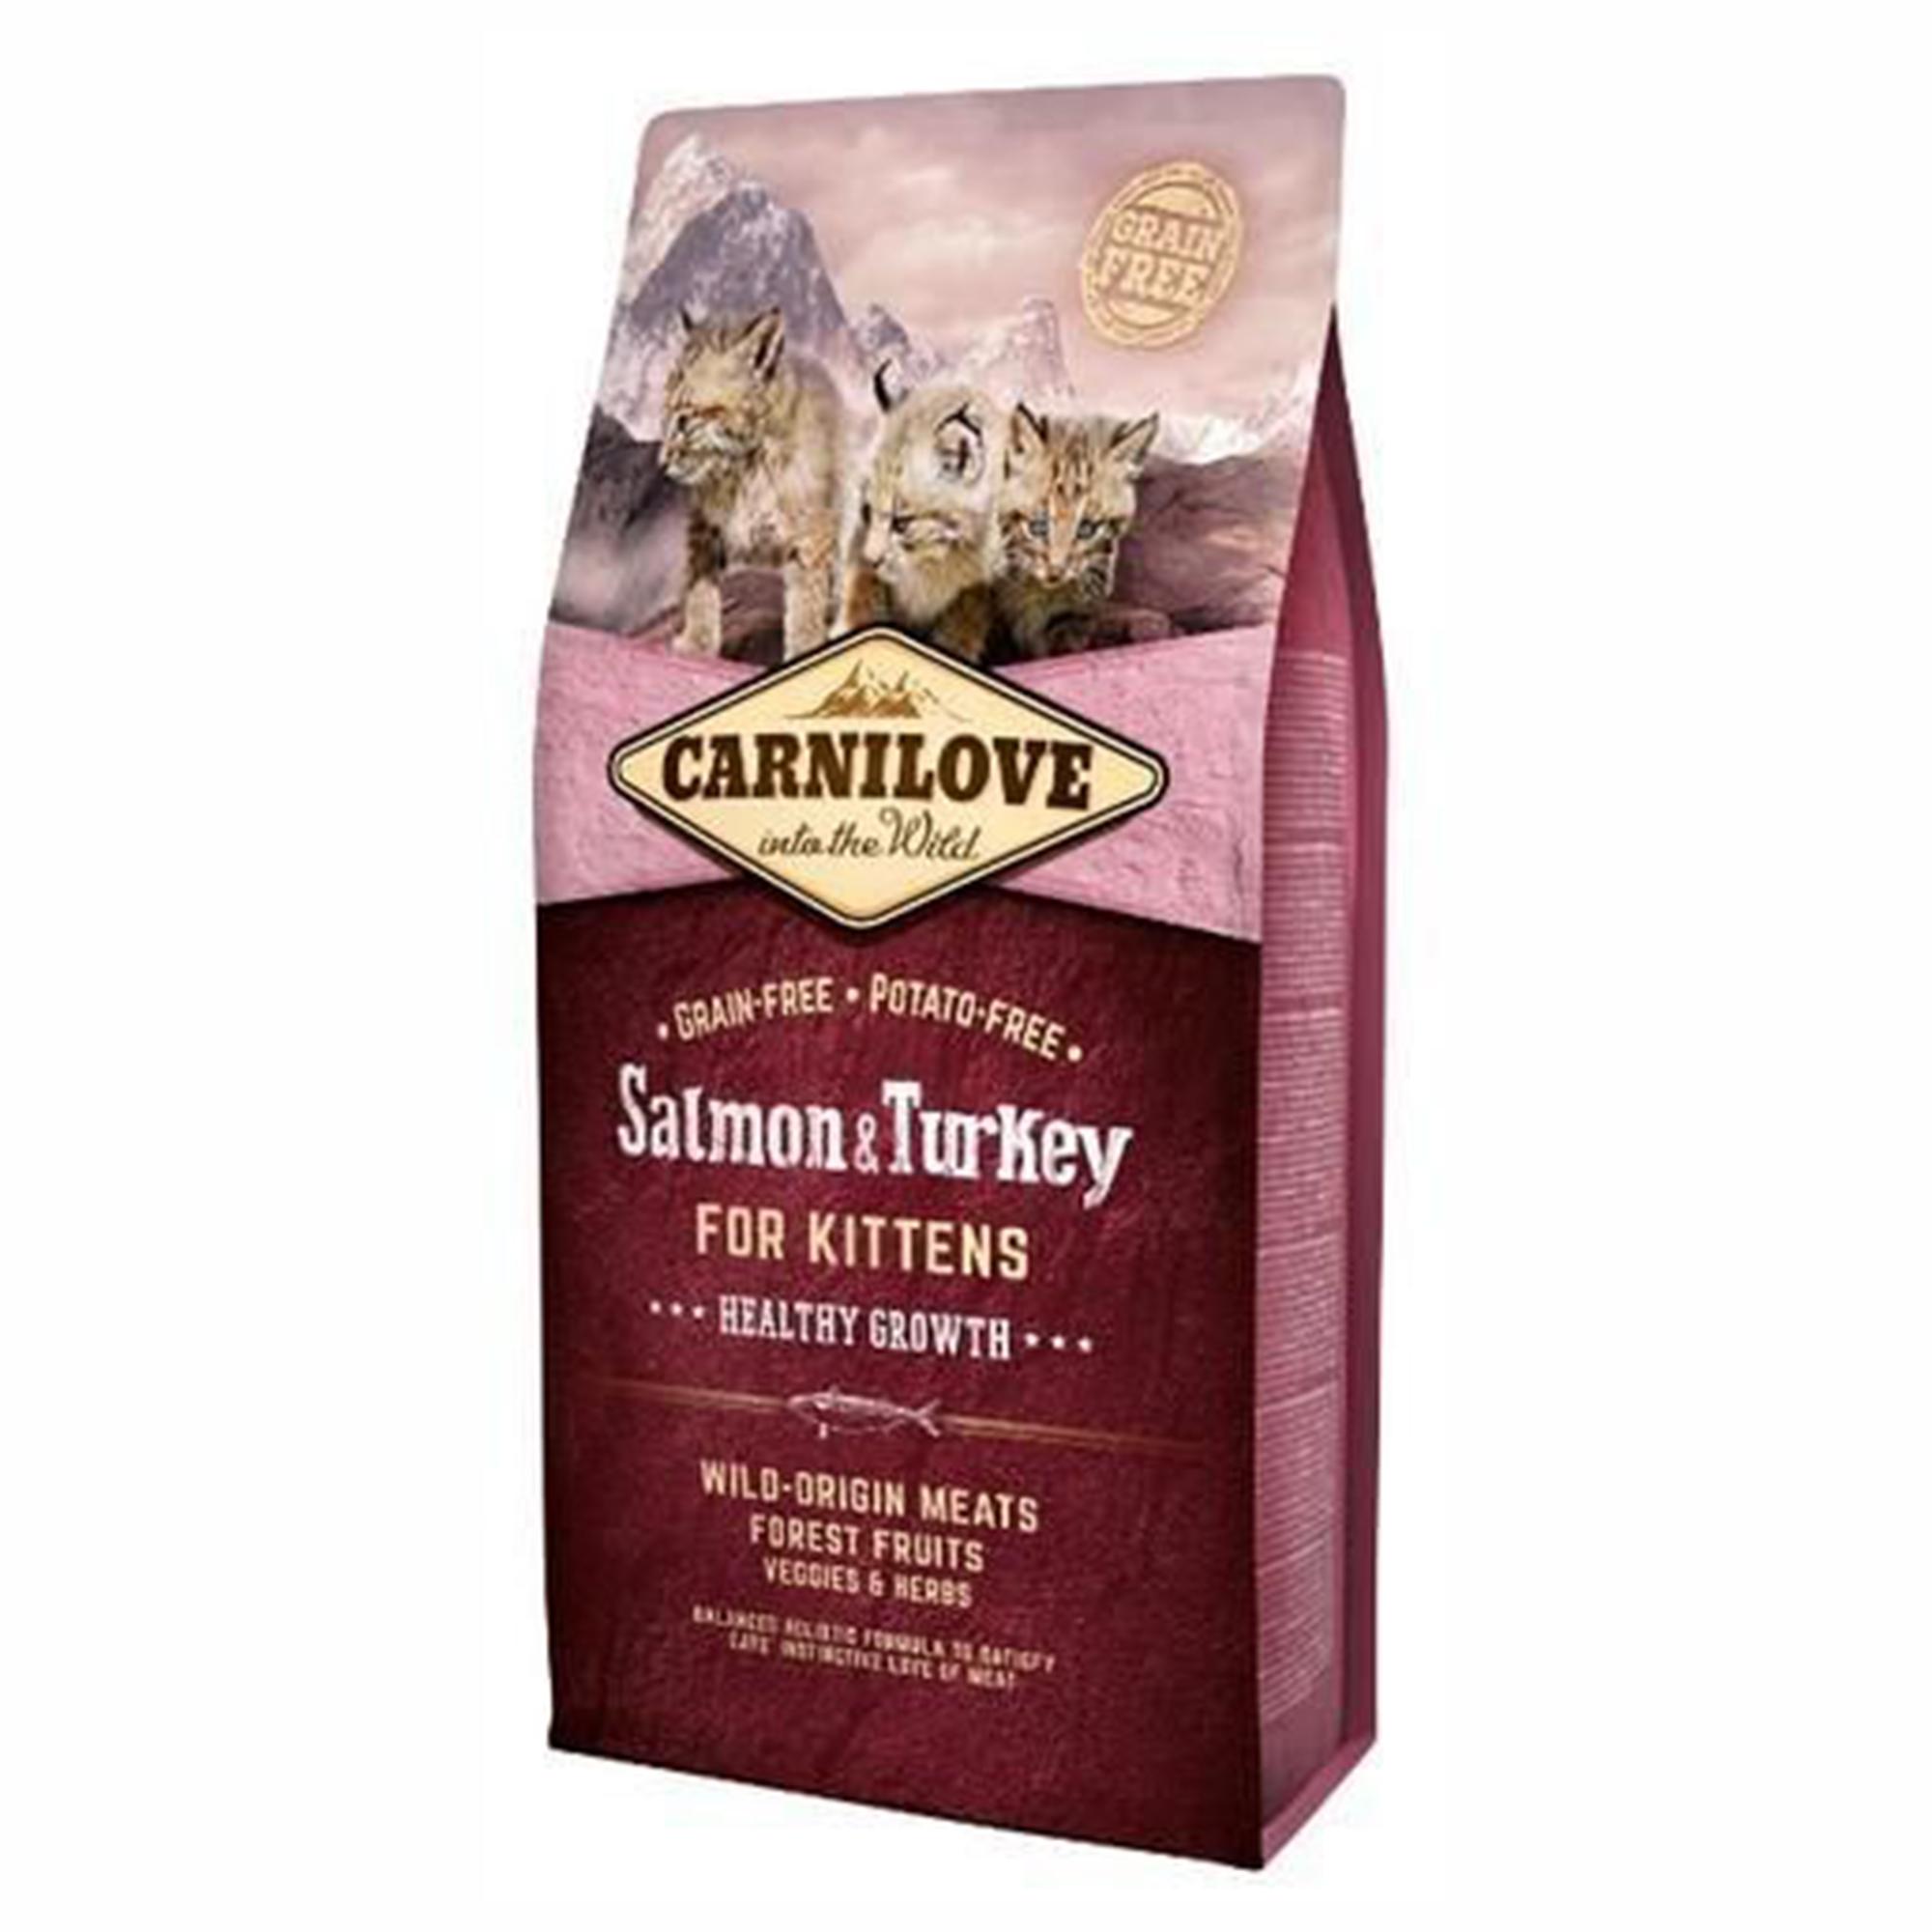 Carnilove Salmon & Turkey For Kittens, 6 kg imagine